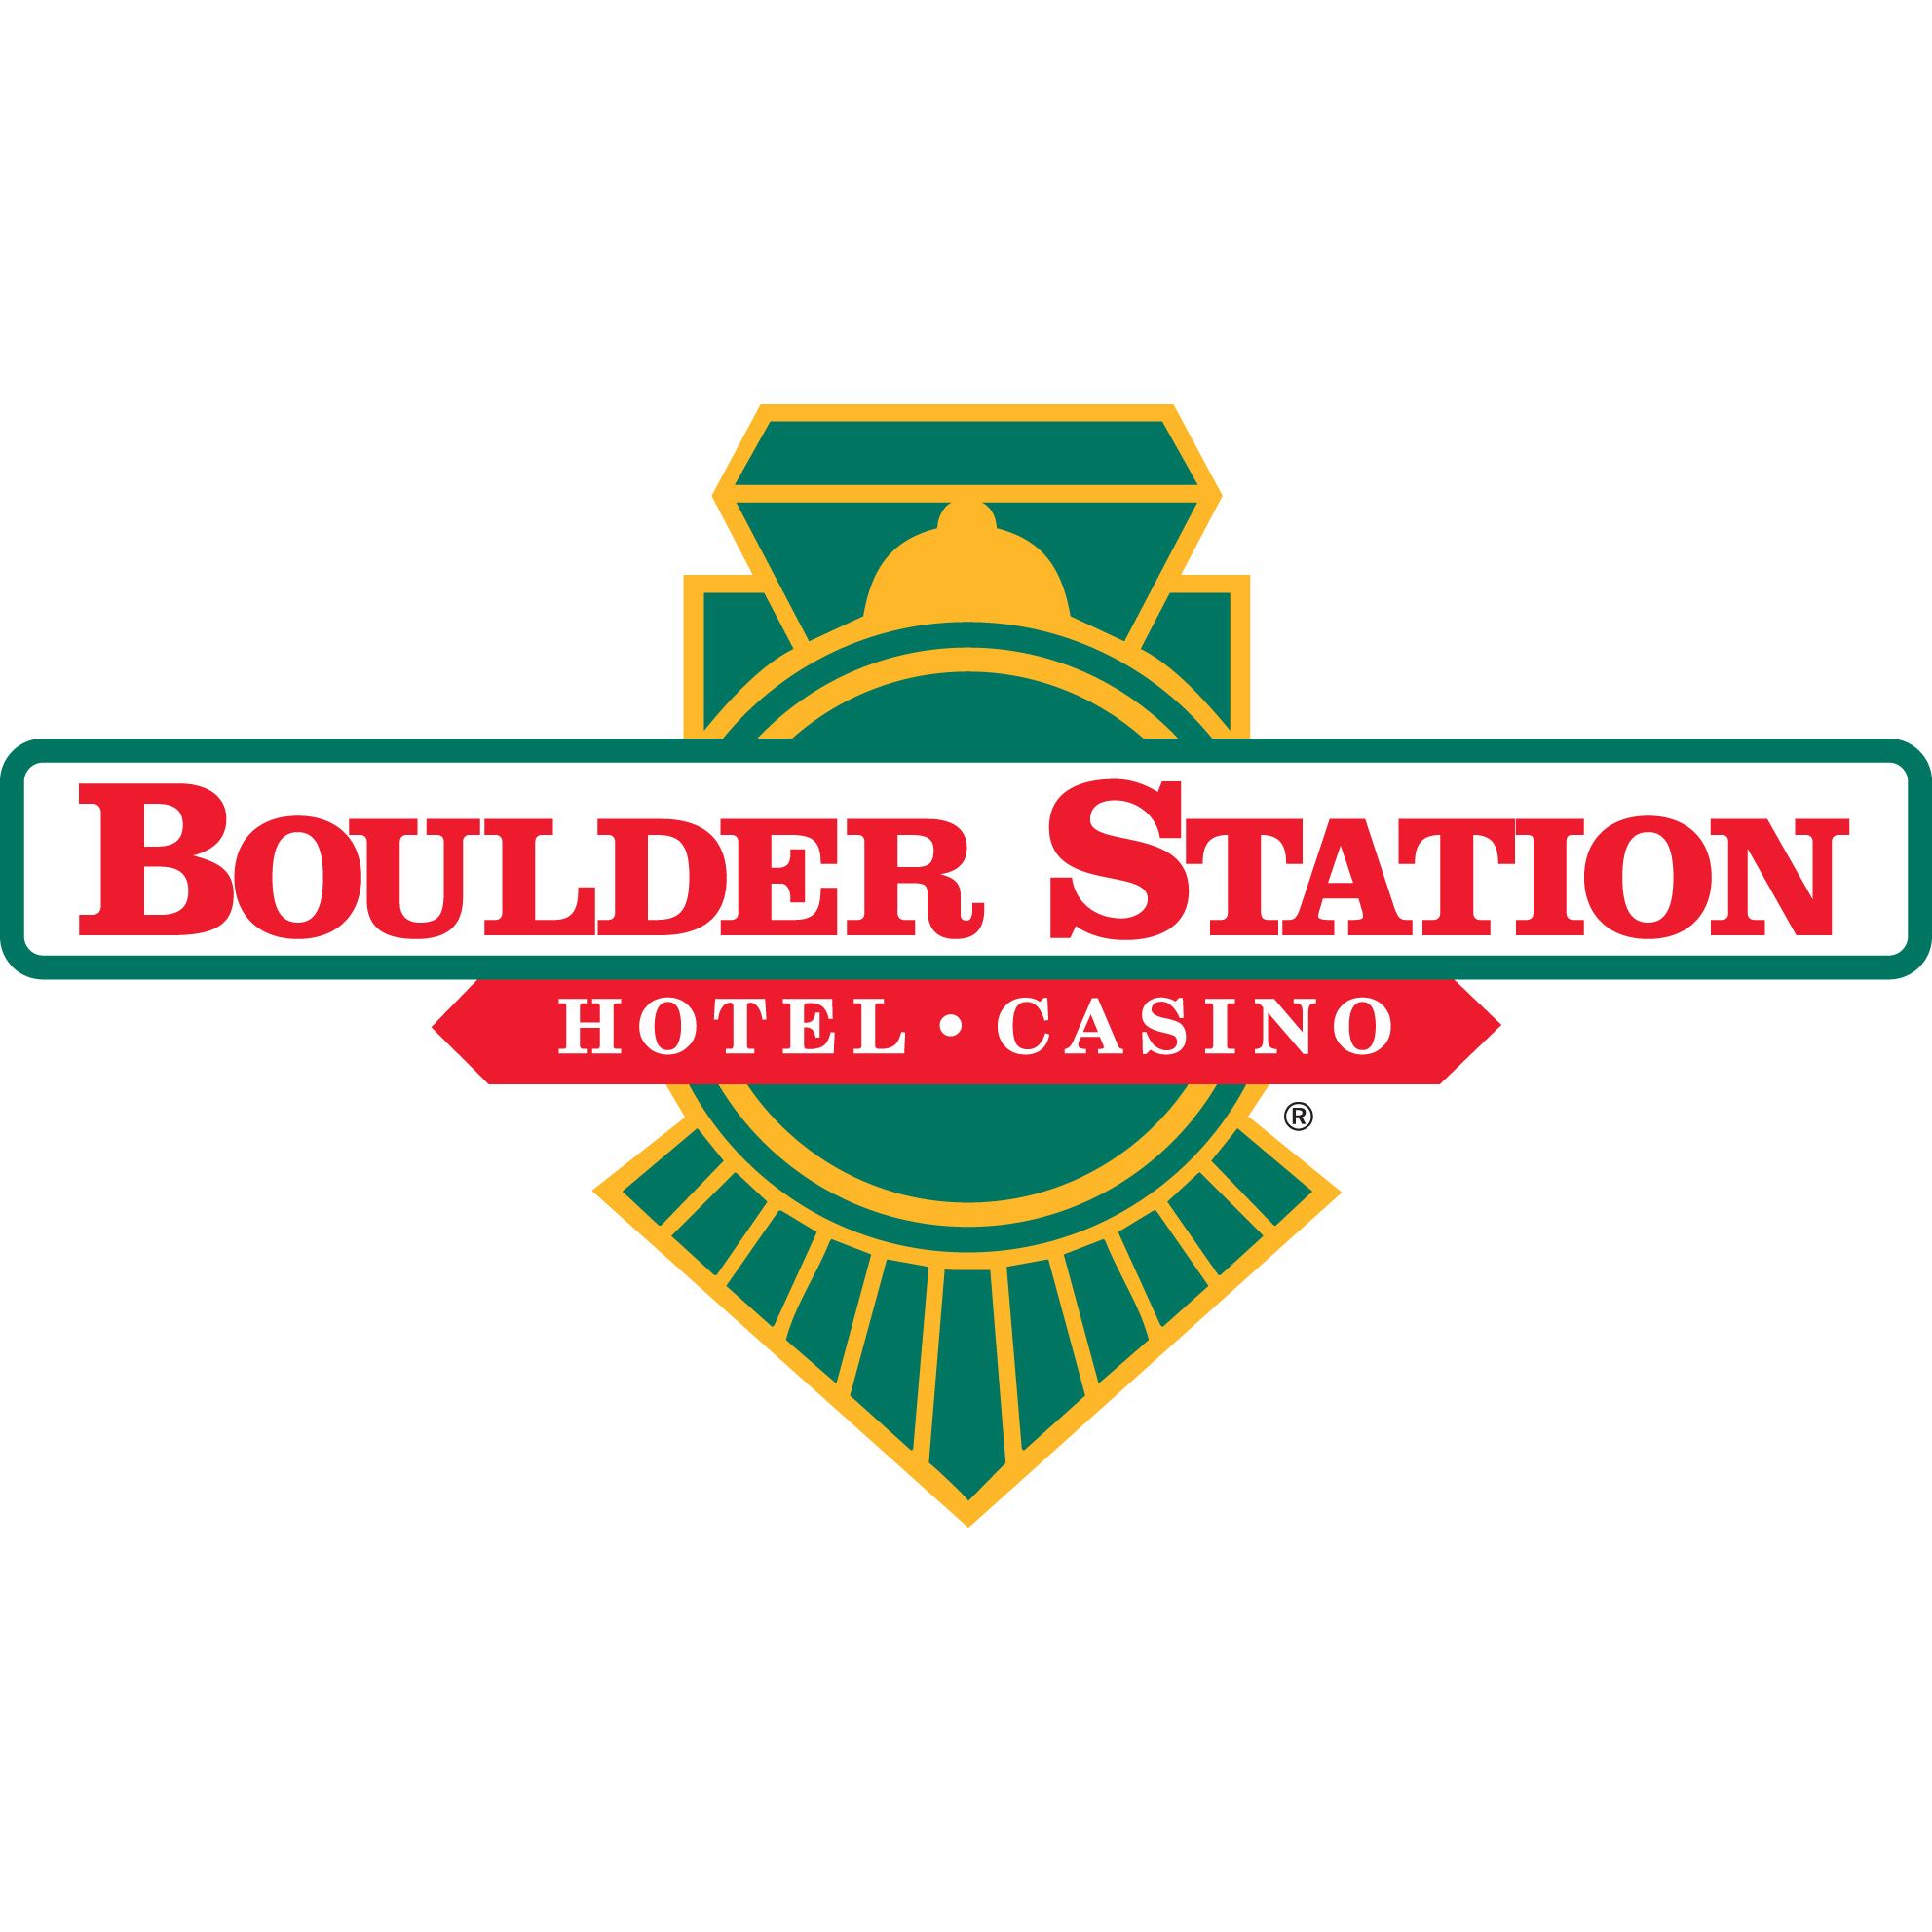 Boulder Station Hotel & Casino image 8